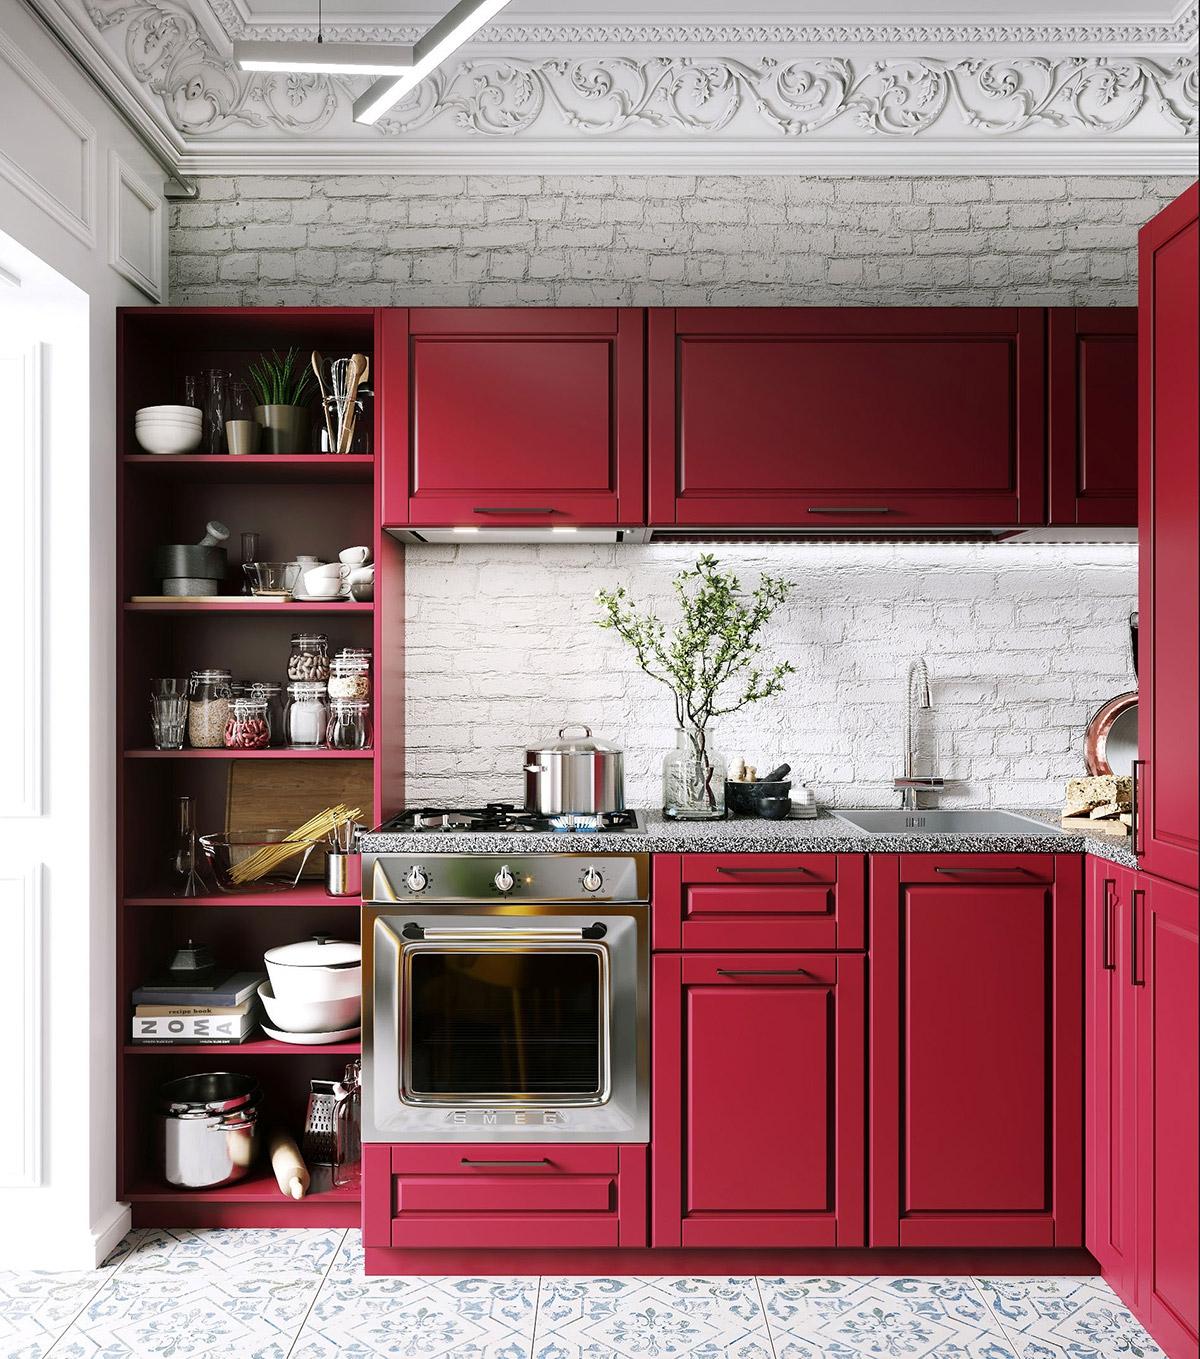 Căm bếp xinh xắn, toát lên vẻ cổ điển, dễ thương, gần gũi./.